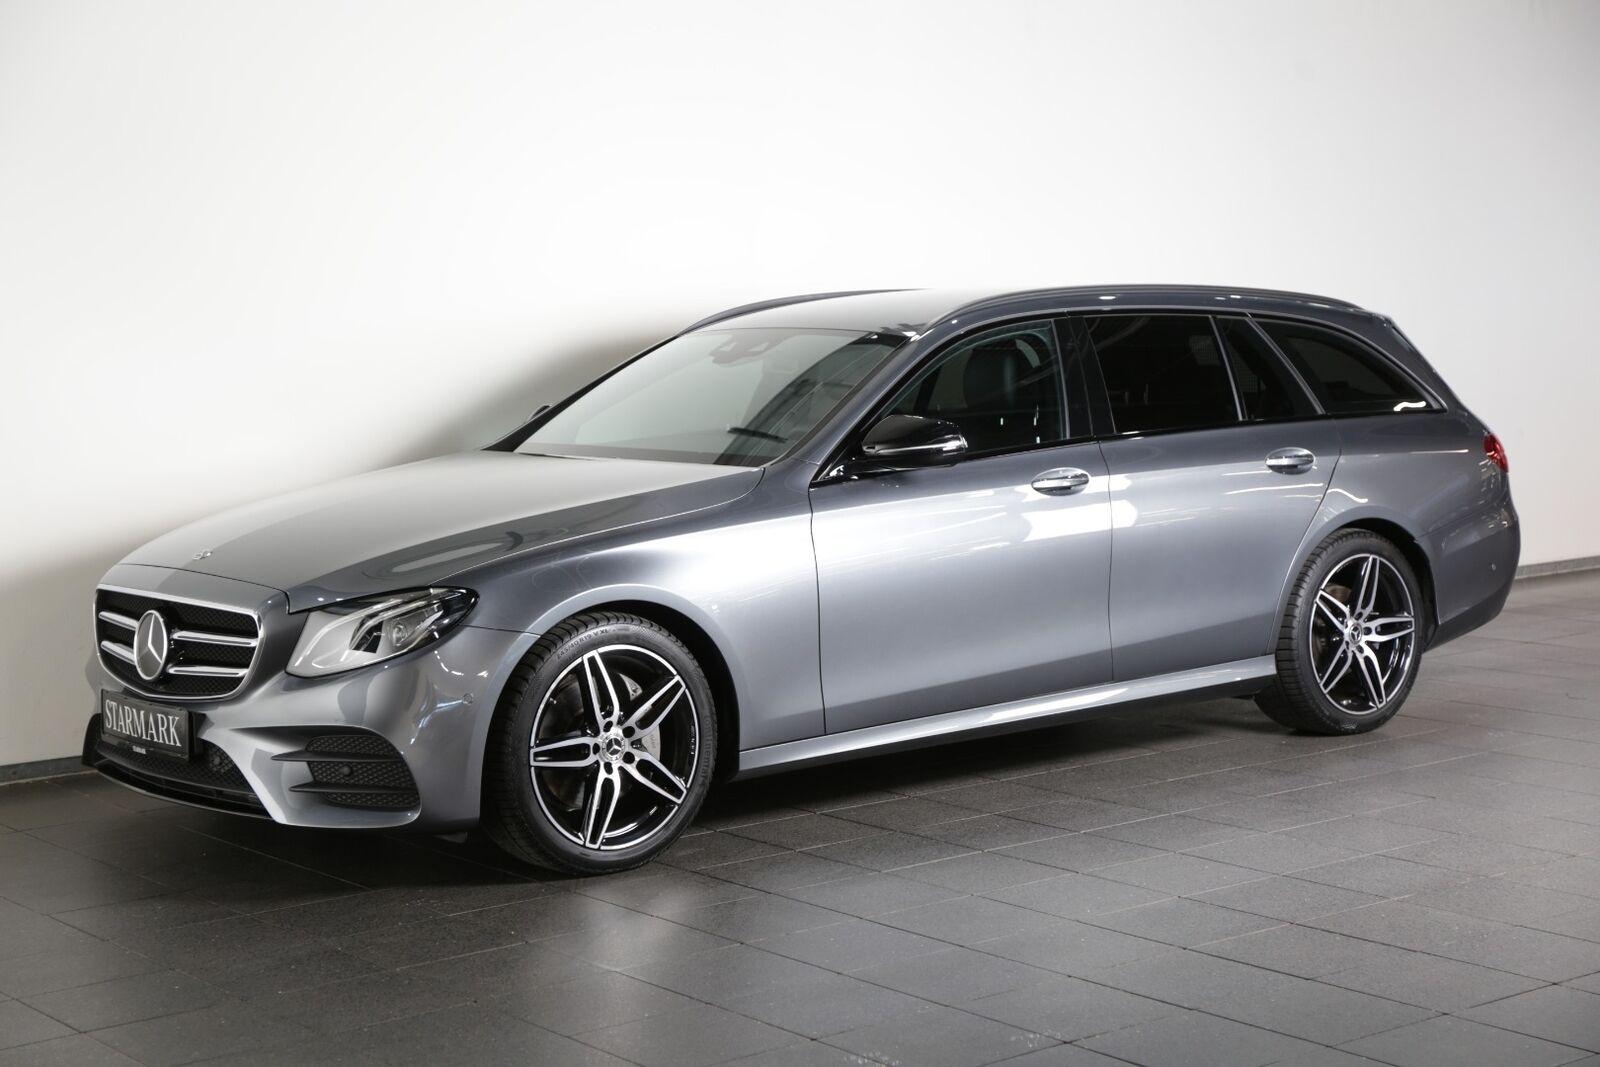 Mercedes E220 d 2,0 AMG Line stc. aut. 5d - 599.900 kr.